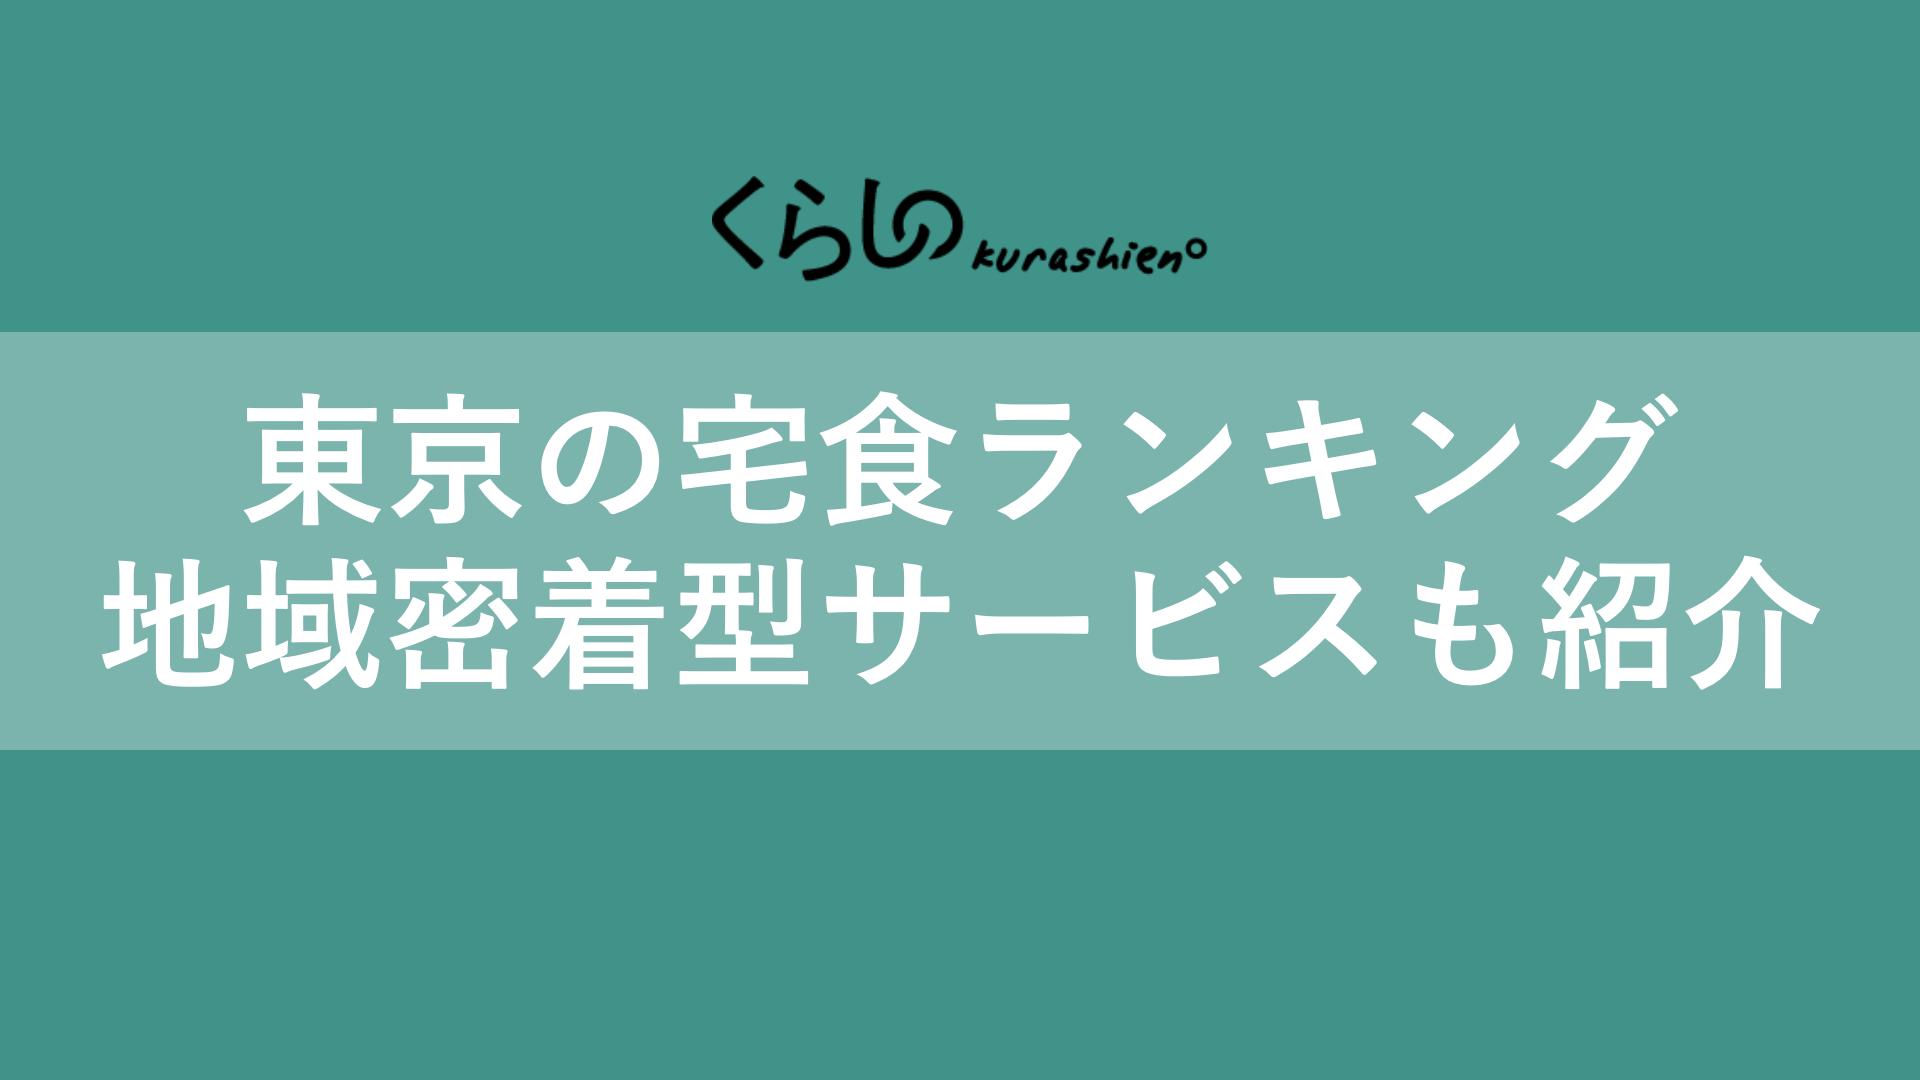 東京都の宅食サービス・宅配弁当おすすめランキング!地域密着型サービスも紹介